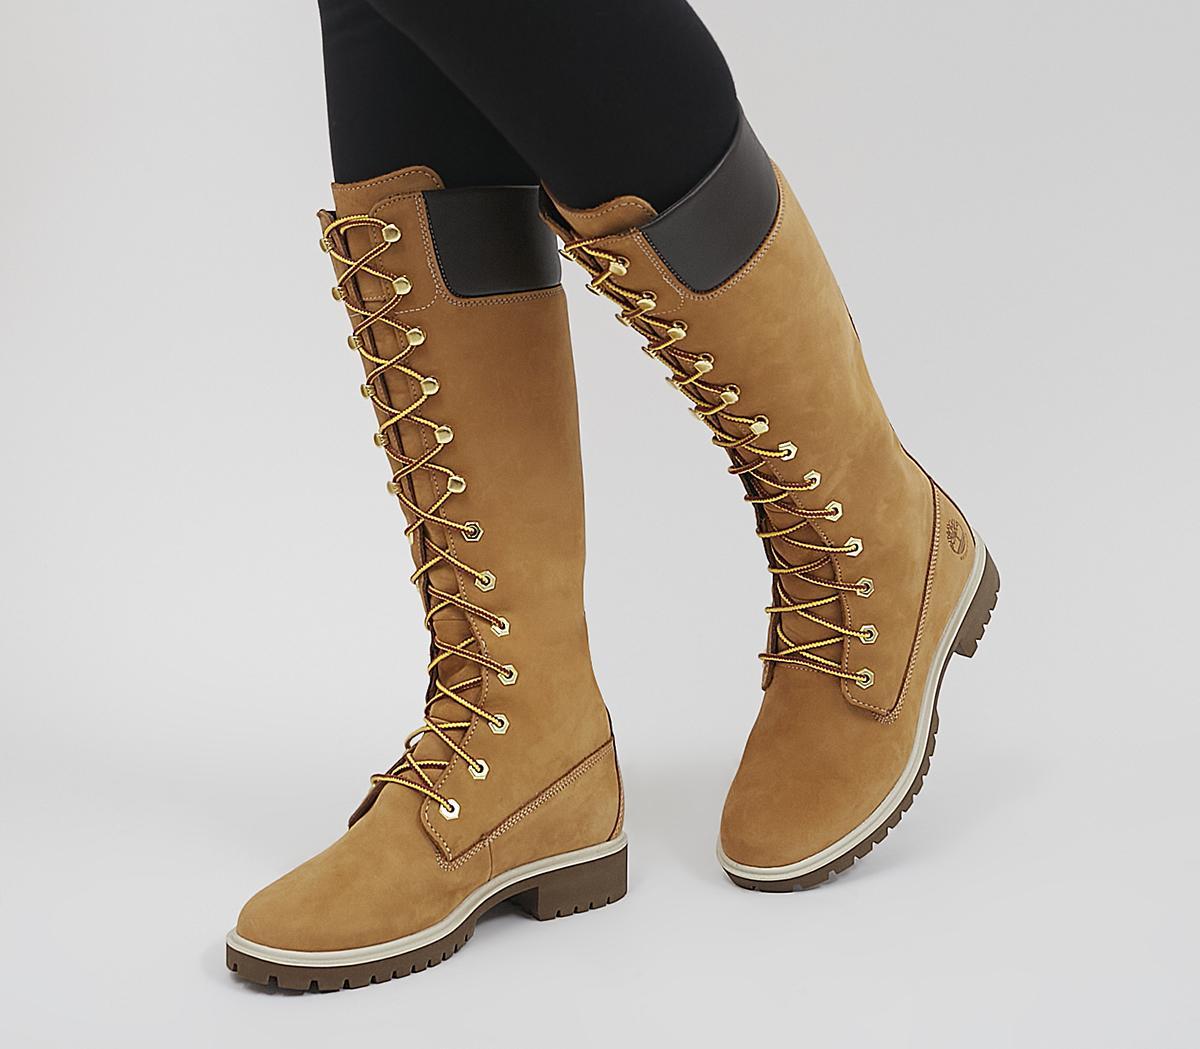 14 Inch Premium Boots